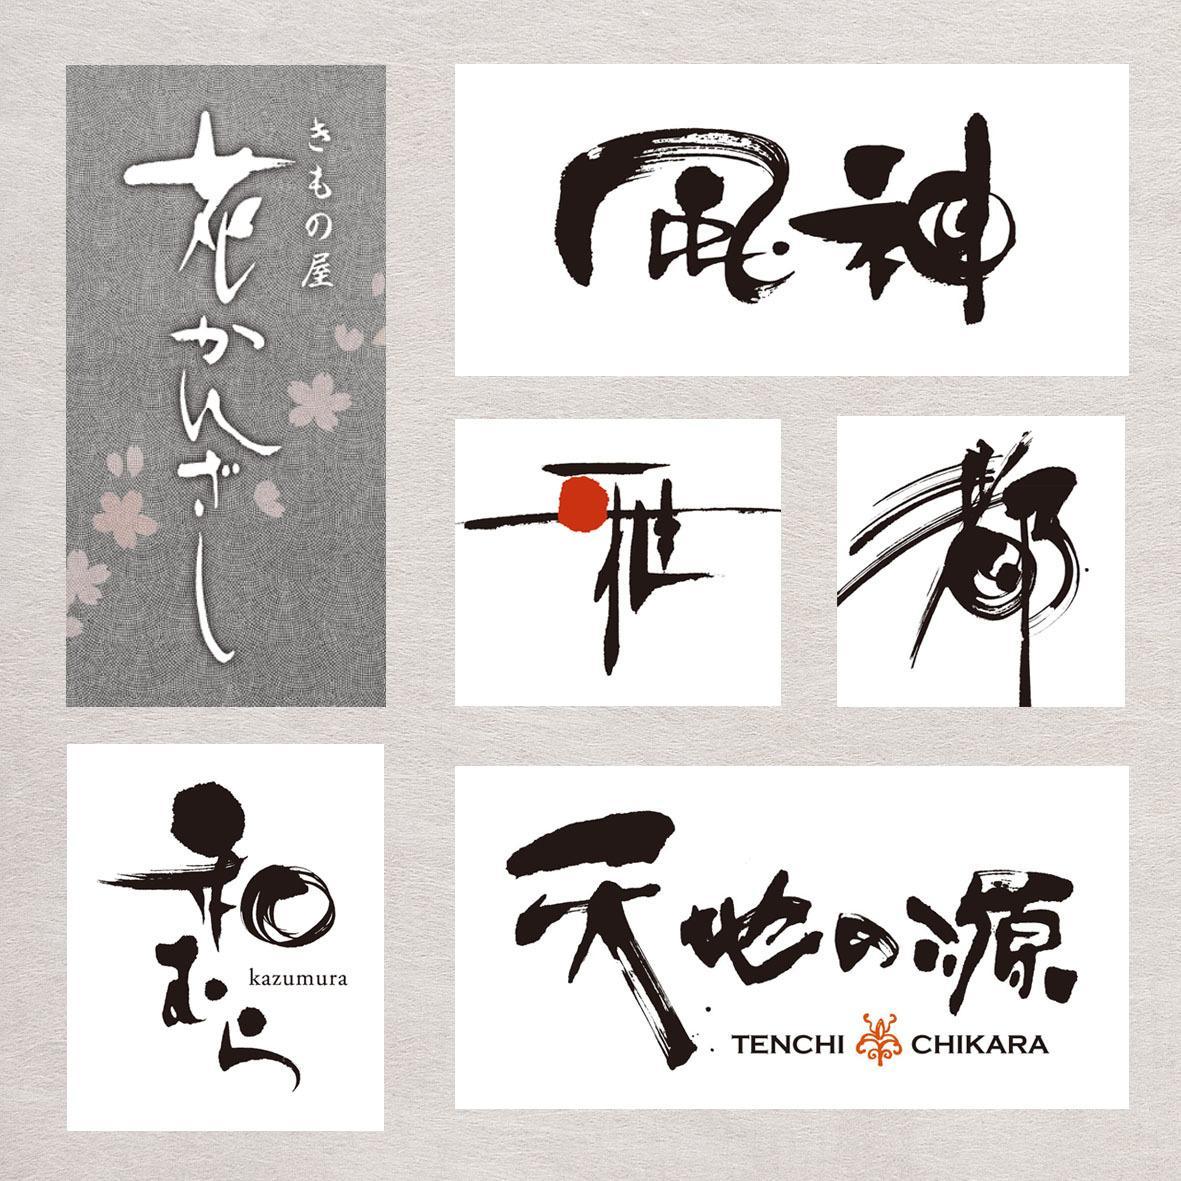 上質なデザイン書をプロ毛筆デザイナーが制作します ロゴ、タイトル、看板、インテリア、Tシャツなどに!